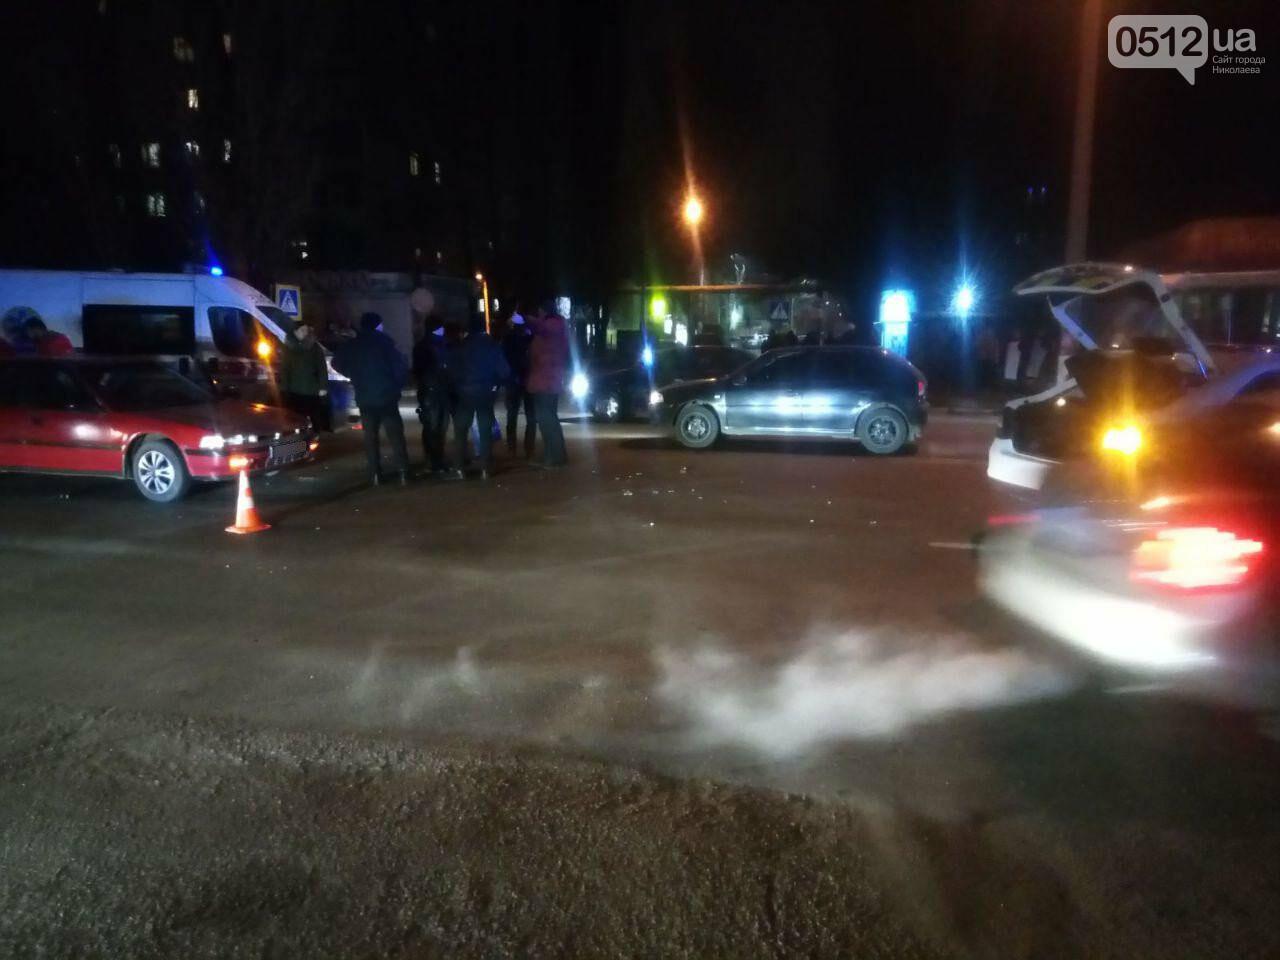 В Николаеве на Космонавтов иномарка сбила женщину, - ФОТО, фото-2